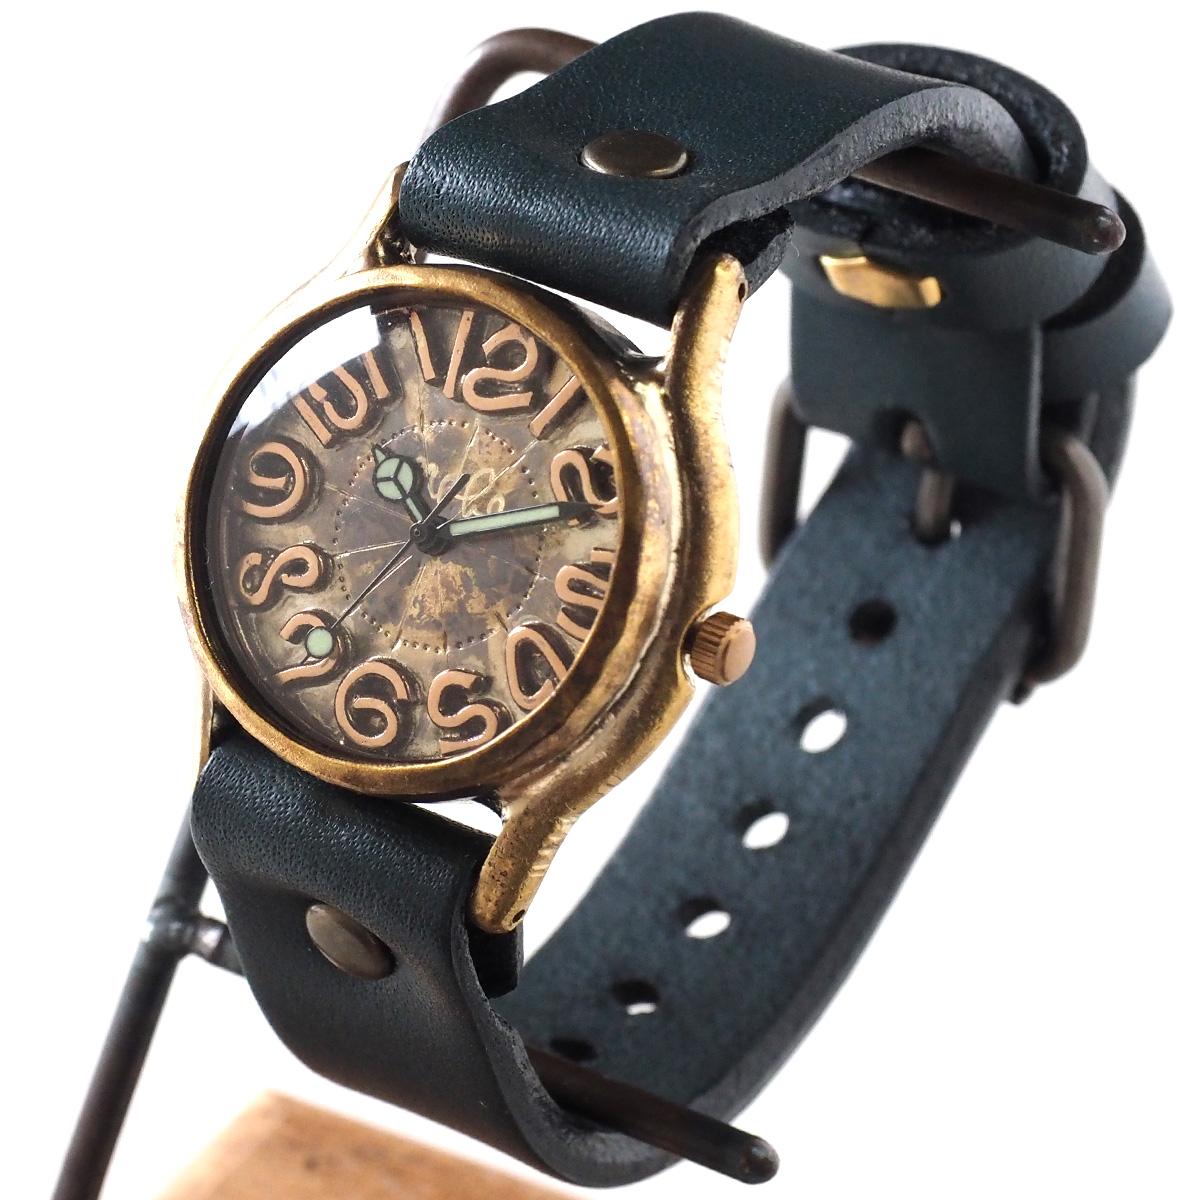 """渡辺工房 手作り腕時計 """"Plain-BC"""" 銅インデックス メンズブラス [NW-352C]"""